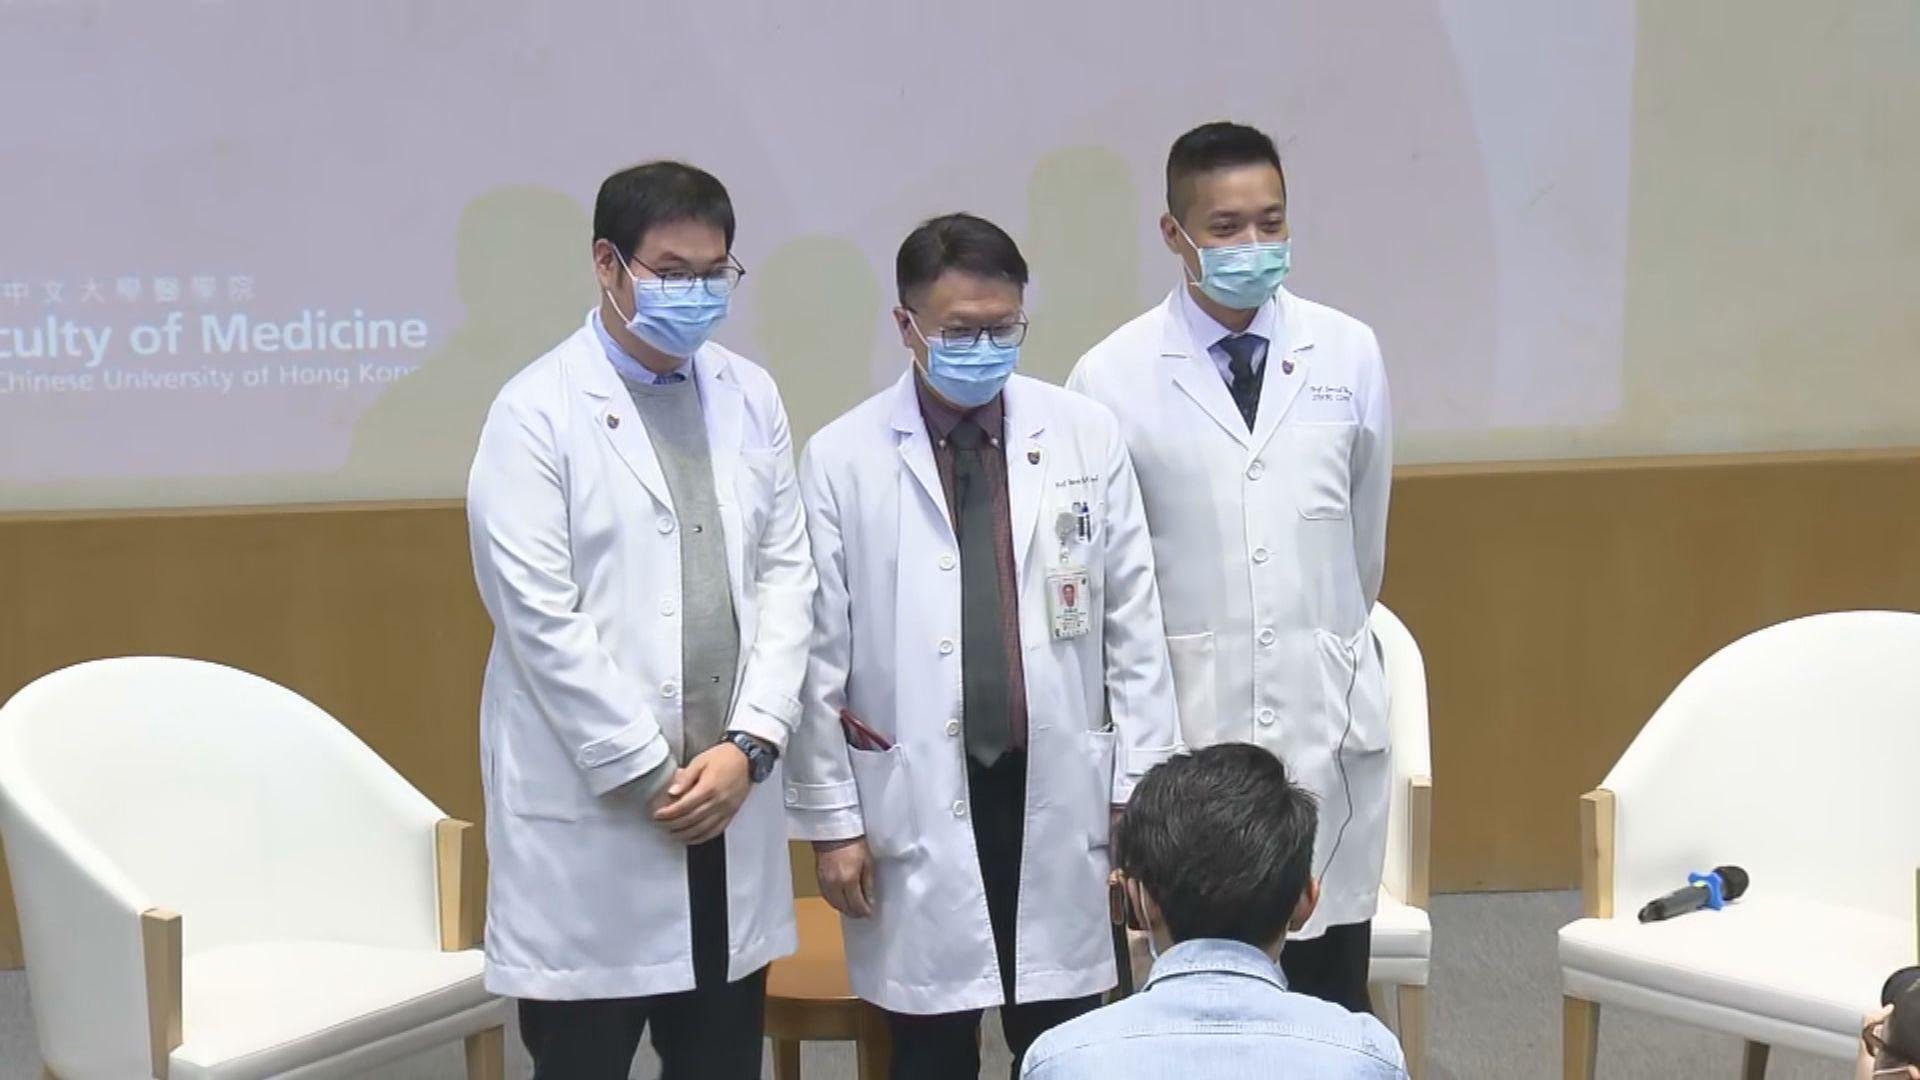 中大醫學院:新型肺炎病人平均發病一周才被確診及隔離